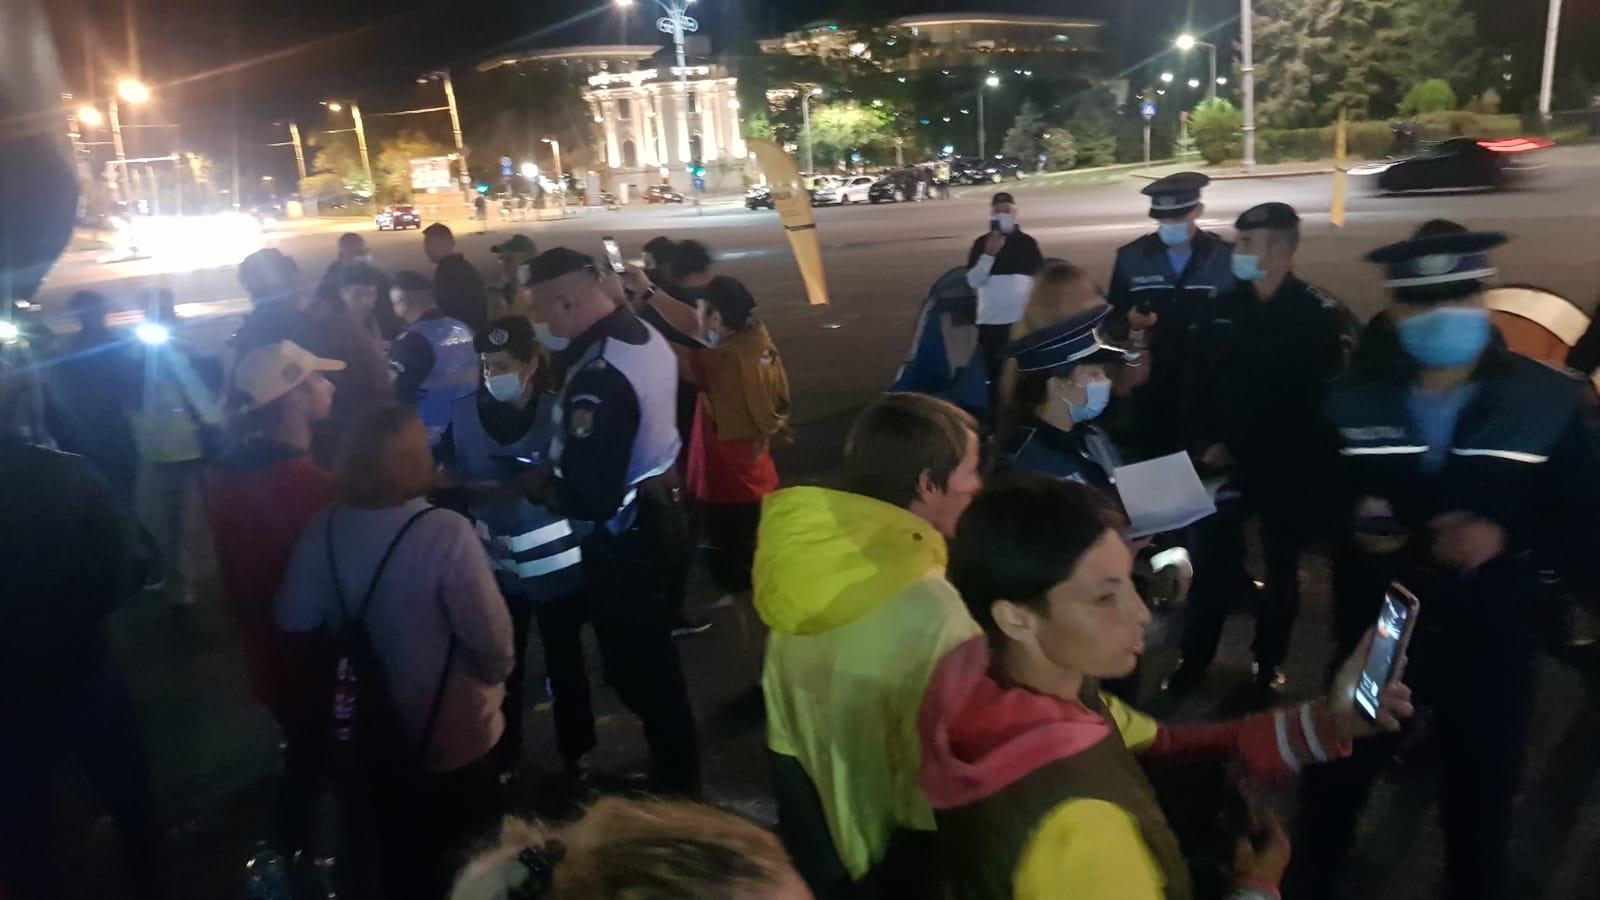 Zeci de forțe de ordine au înconjurat la miezul nopții autocarul AUR din Piața Victoriei și au descins pentru un control, fără mandat, fără dispoziție și fără a se legitima